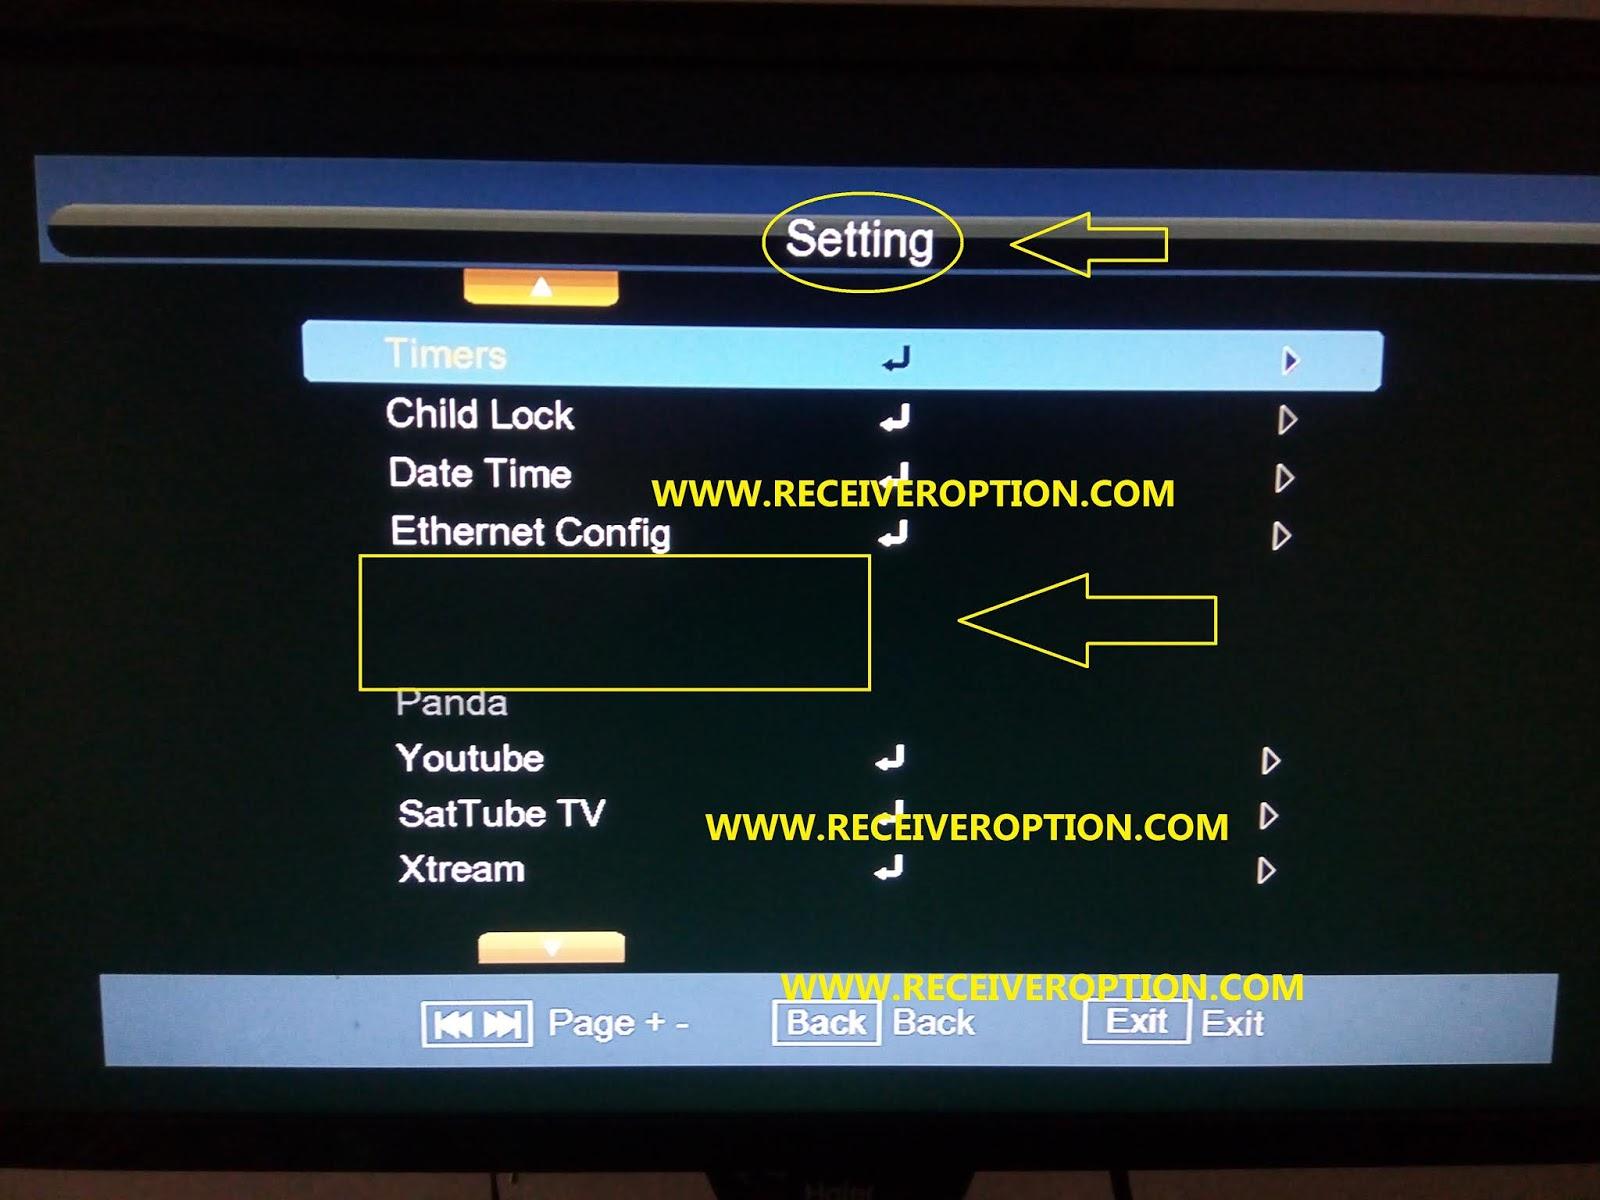 TIGER F8 HD RECEIVER CCCAM OPTION - Receiver Option